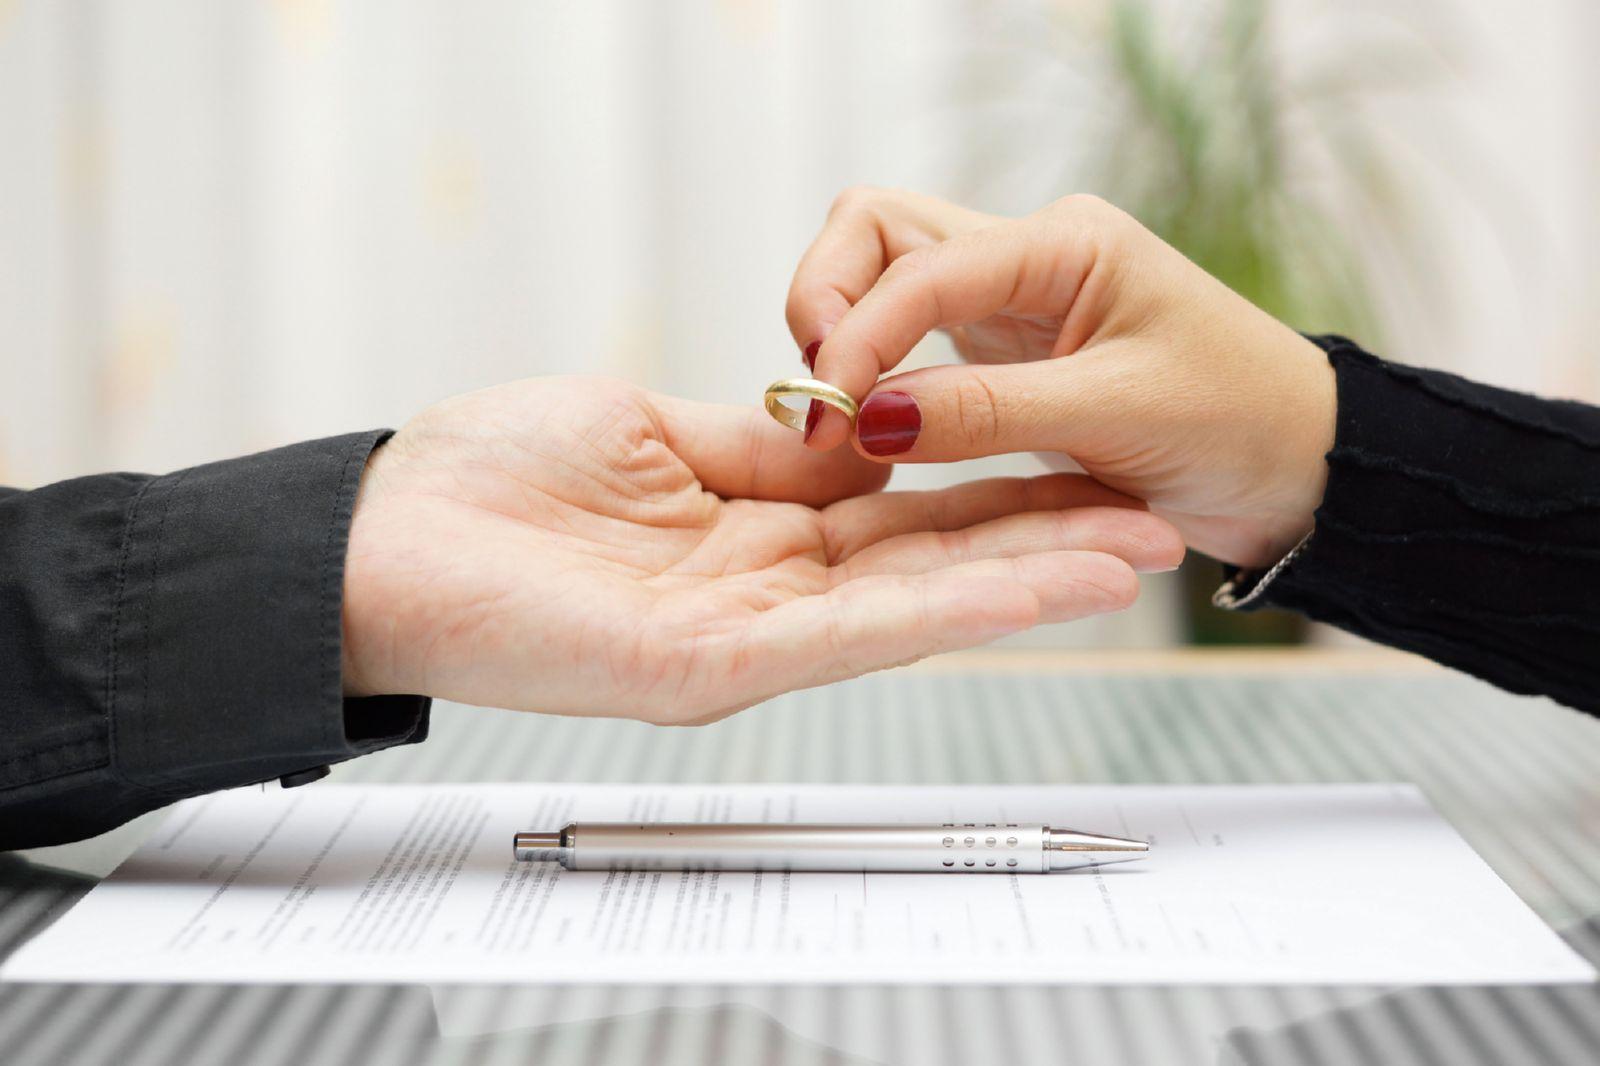 несколько что надо говорить в суде при разводе с мужем вопрос